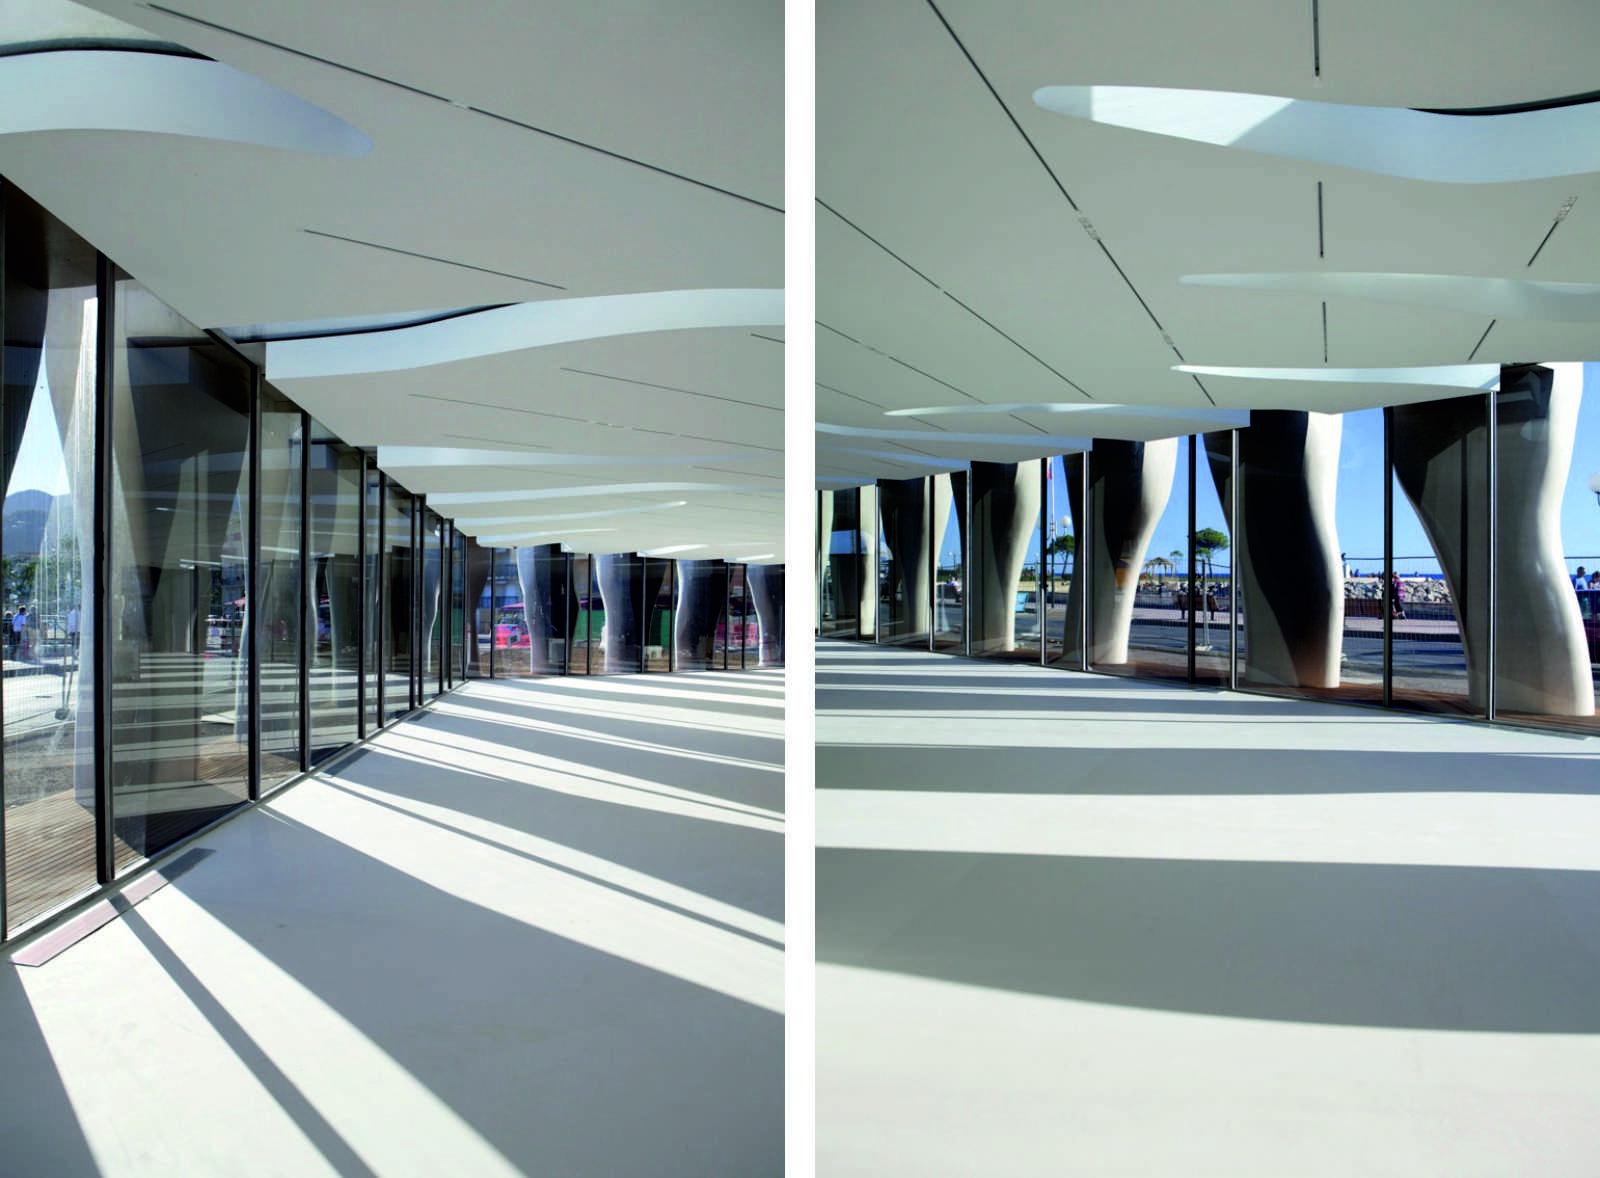 http://www.theplan.it/webzine/architettura-internazionale/museo-jean-cocteau-